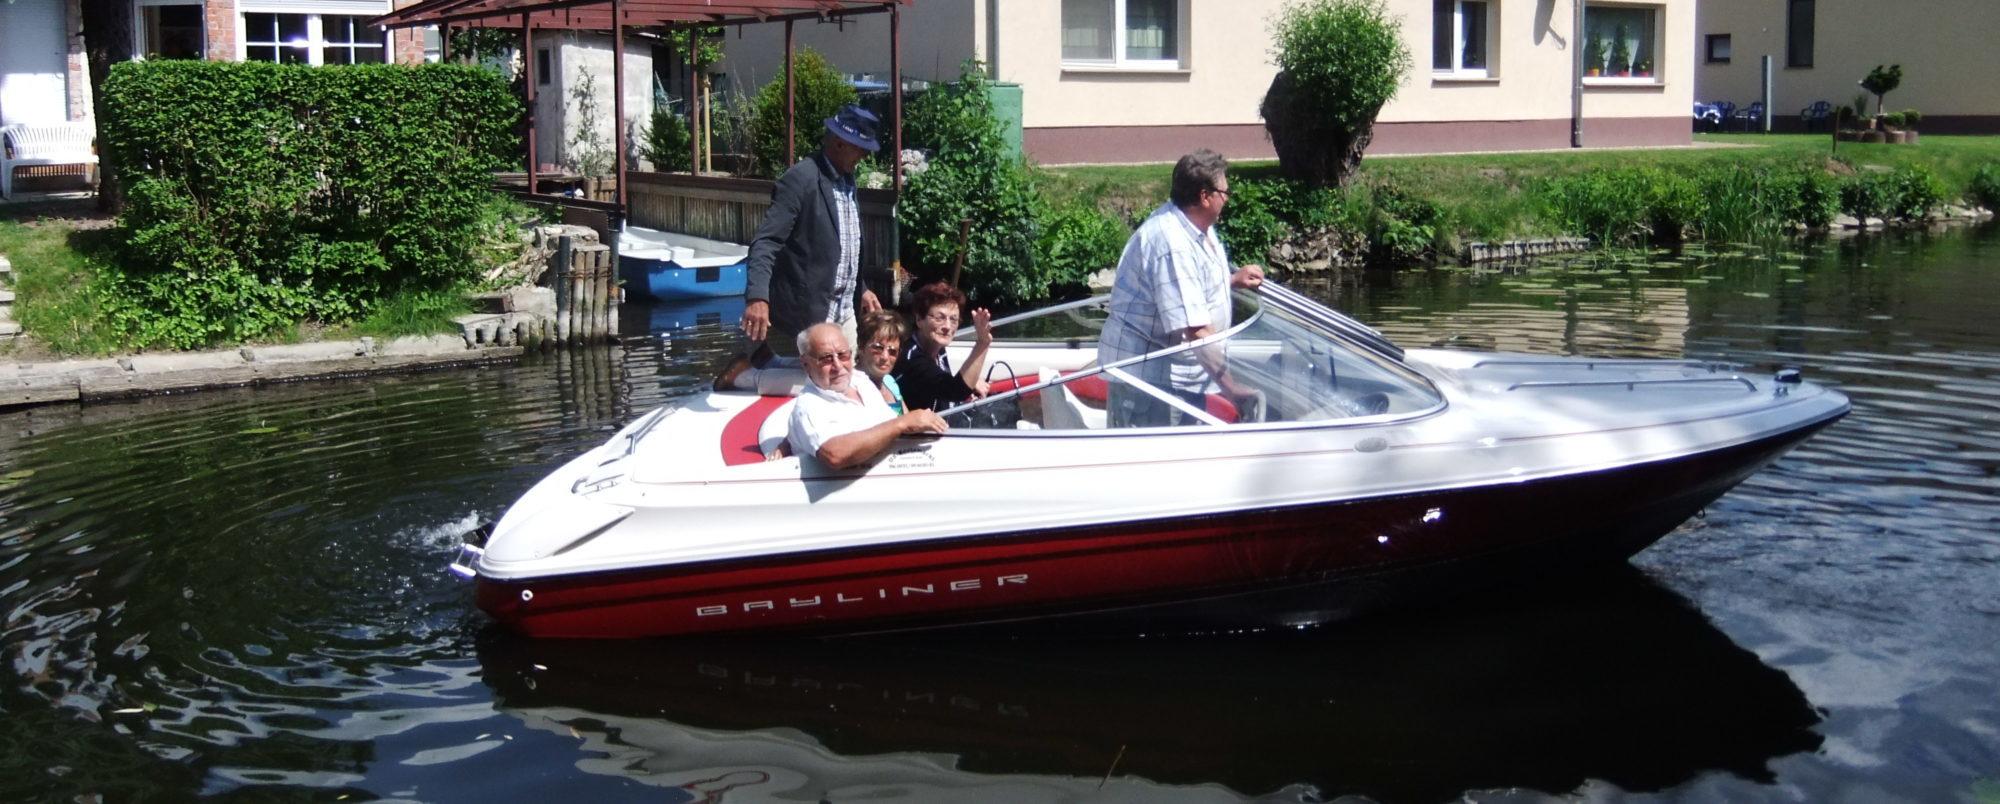 Bootsausflug mit Pensionsgästen der Pension Havelidylle in Ketzin